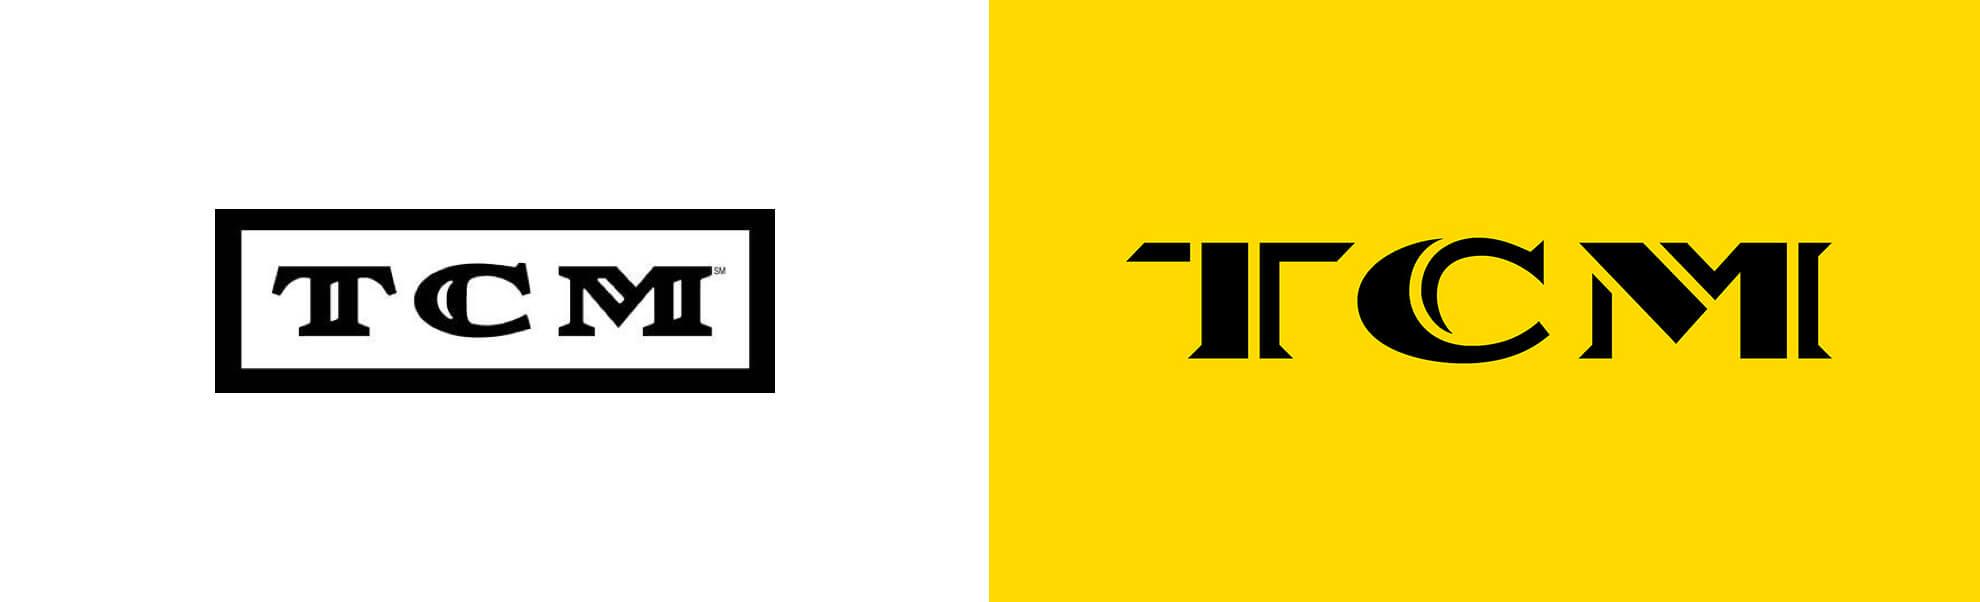 Stacja TCM zmienia logo na20 rocznicę powstania